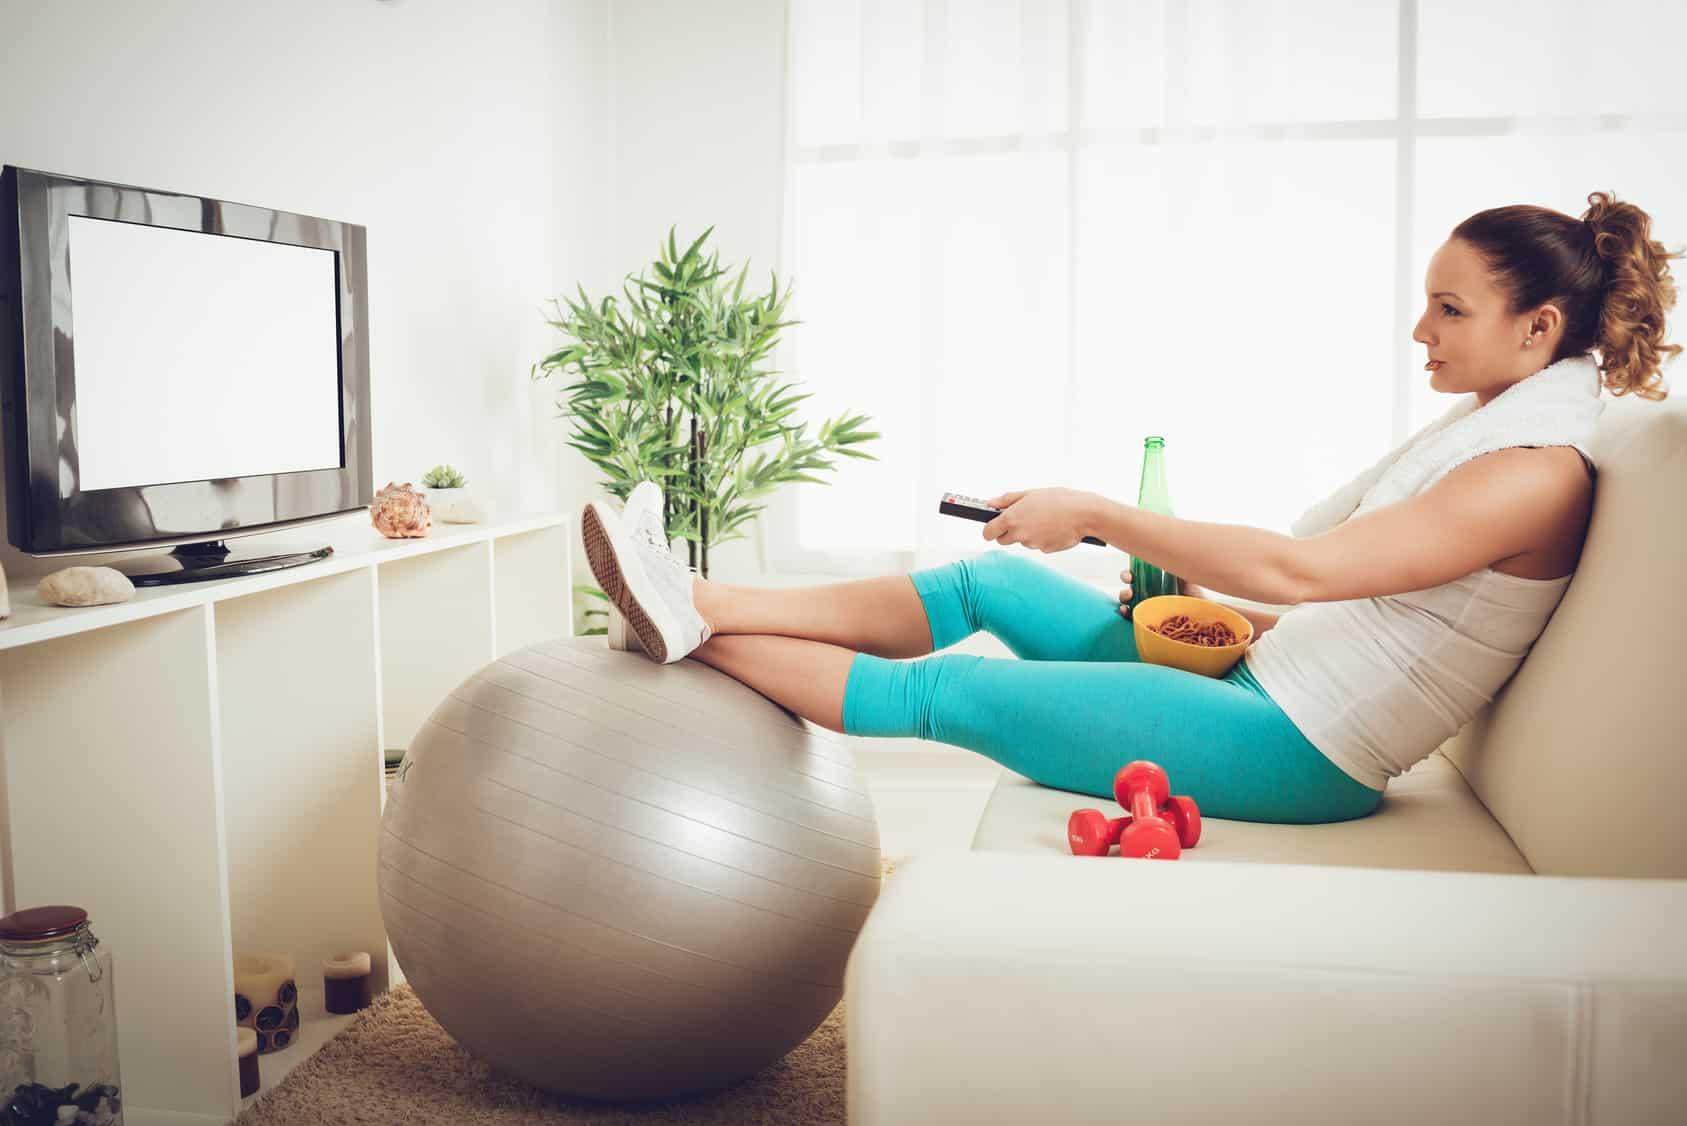 La televisión por cable pasó de ser un lujo a una presencia cotidiana en poco más de la mitad de los hogares mexicanos.